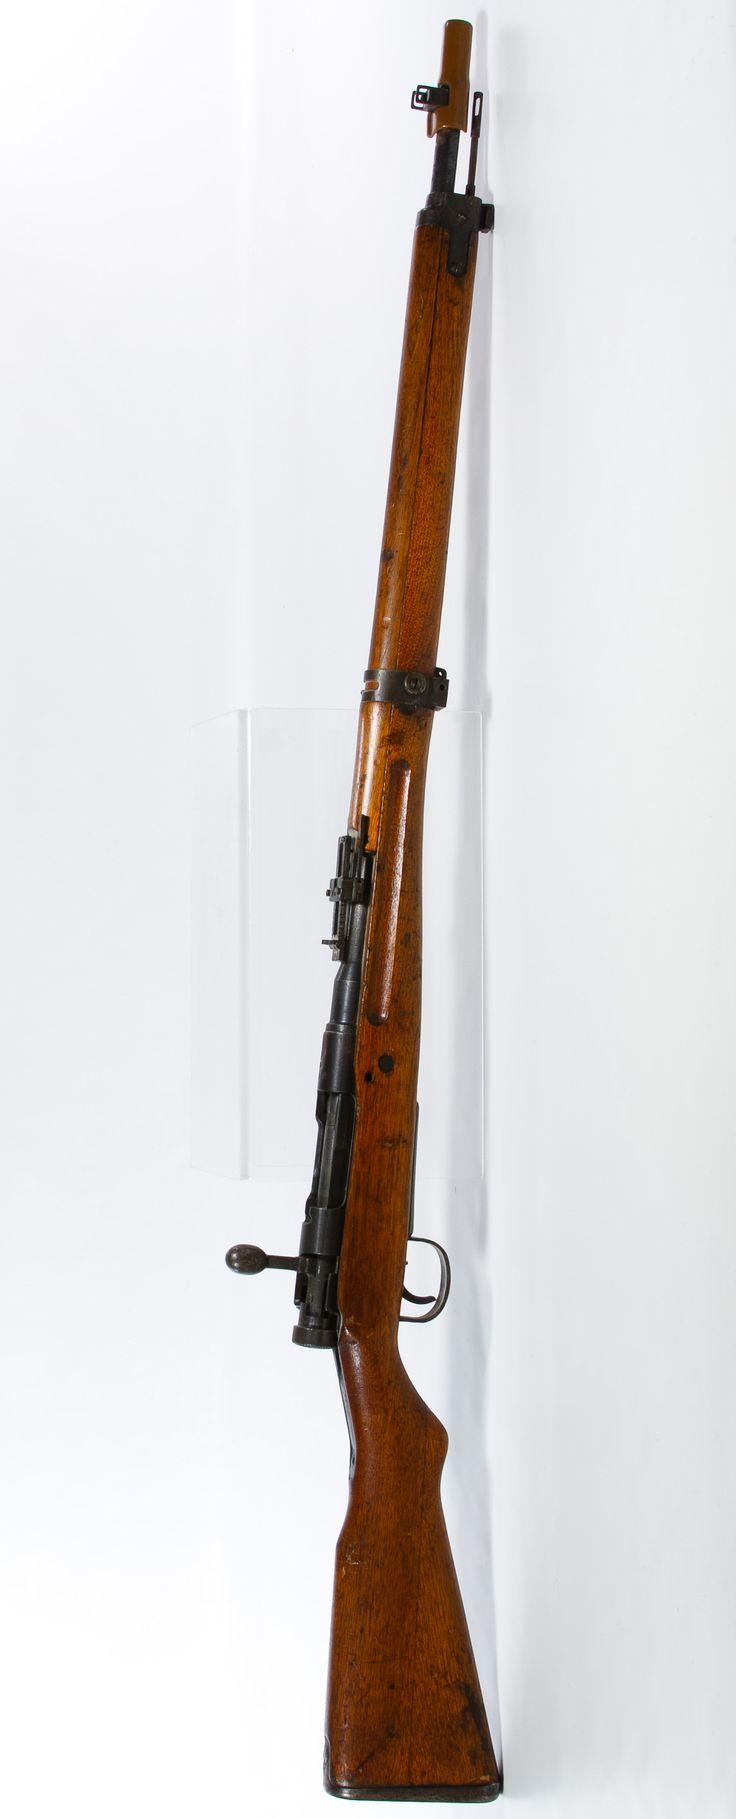 Teddy roosevelt guns to be displayed at nra national - Lot 274 World War Ii Era Japanese Type 99 Arisaka 7 7x58mm Rifle Serial